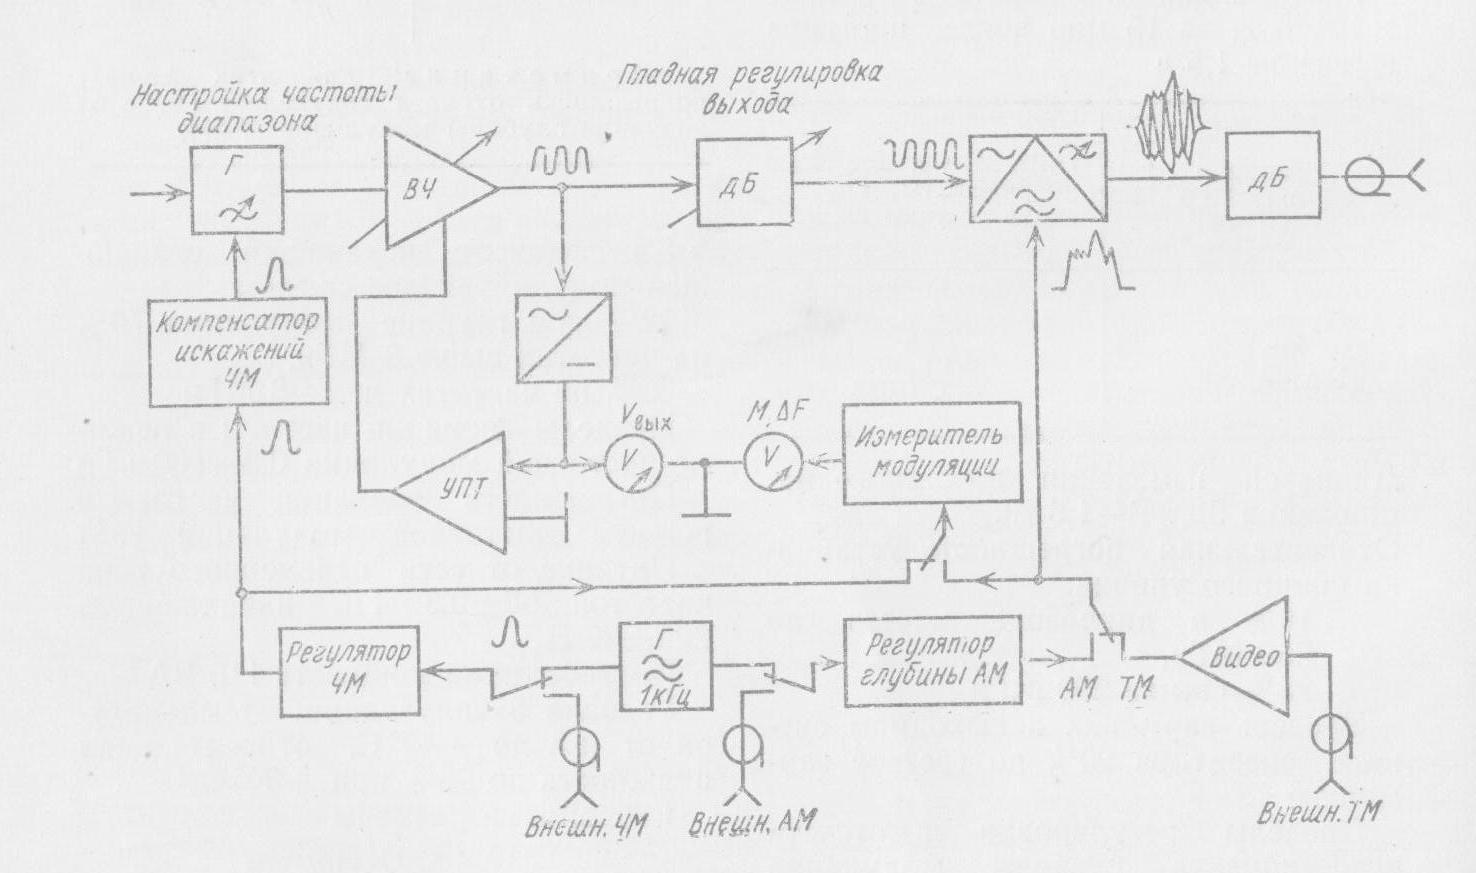 генератор шума п-219ам инструкция